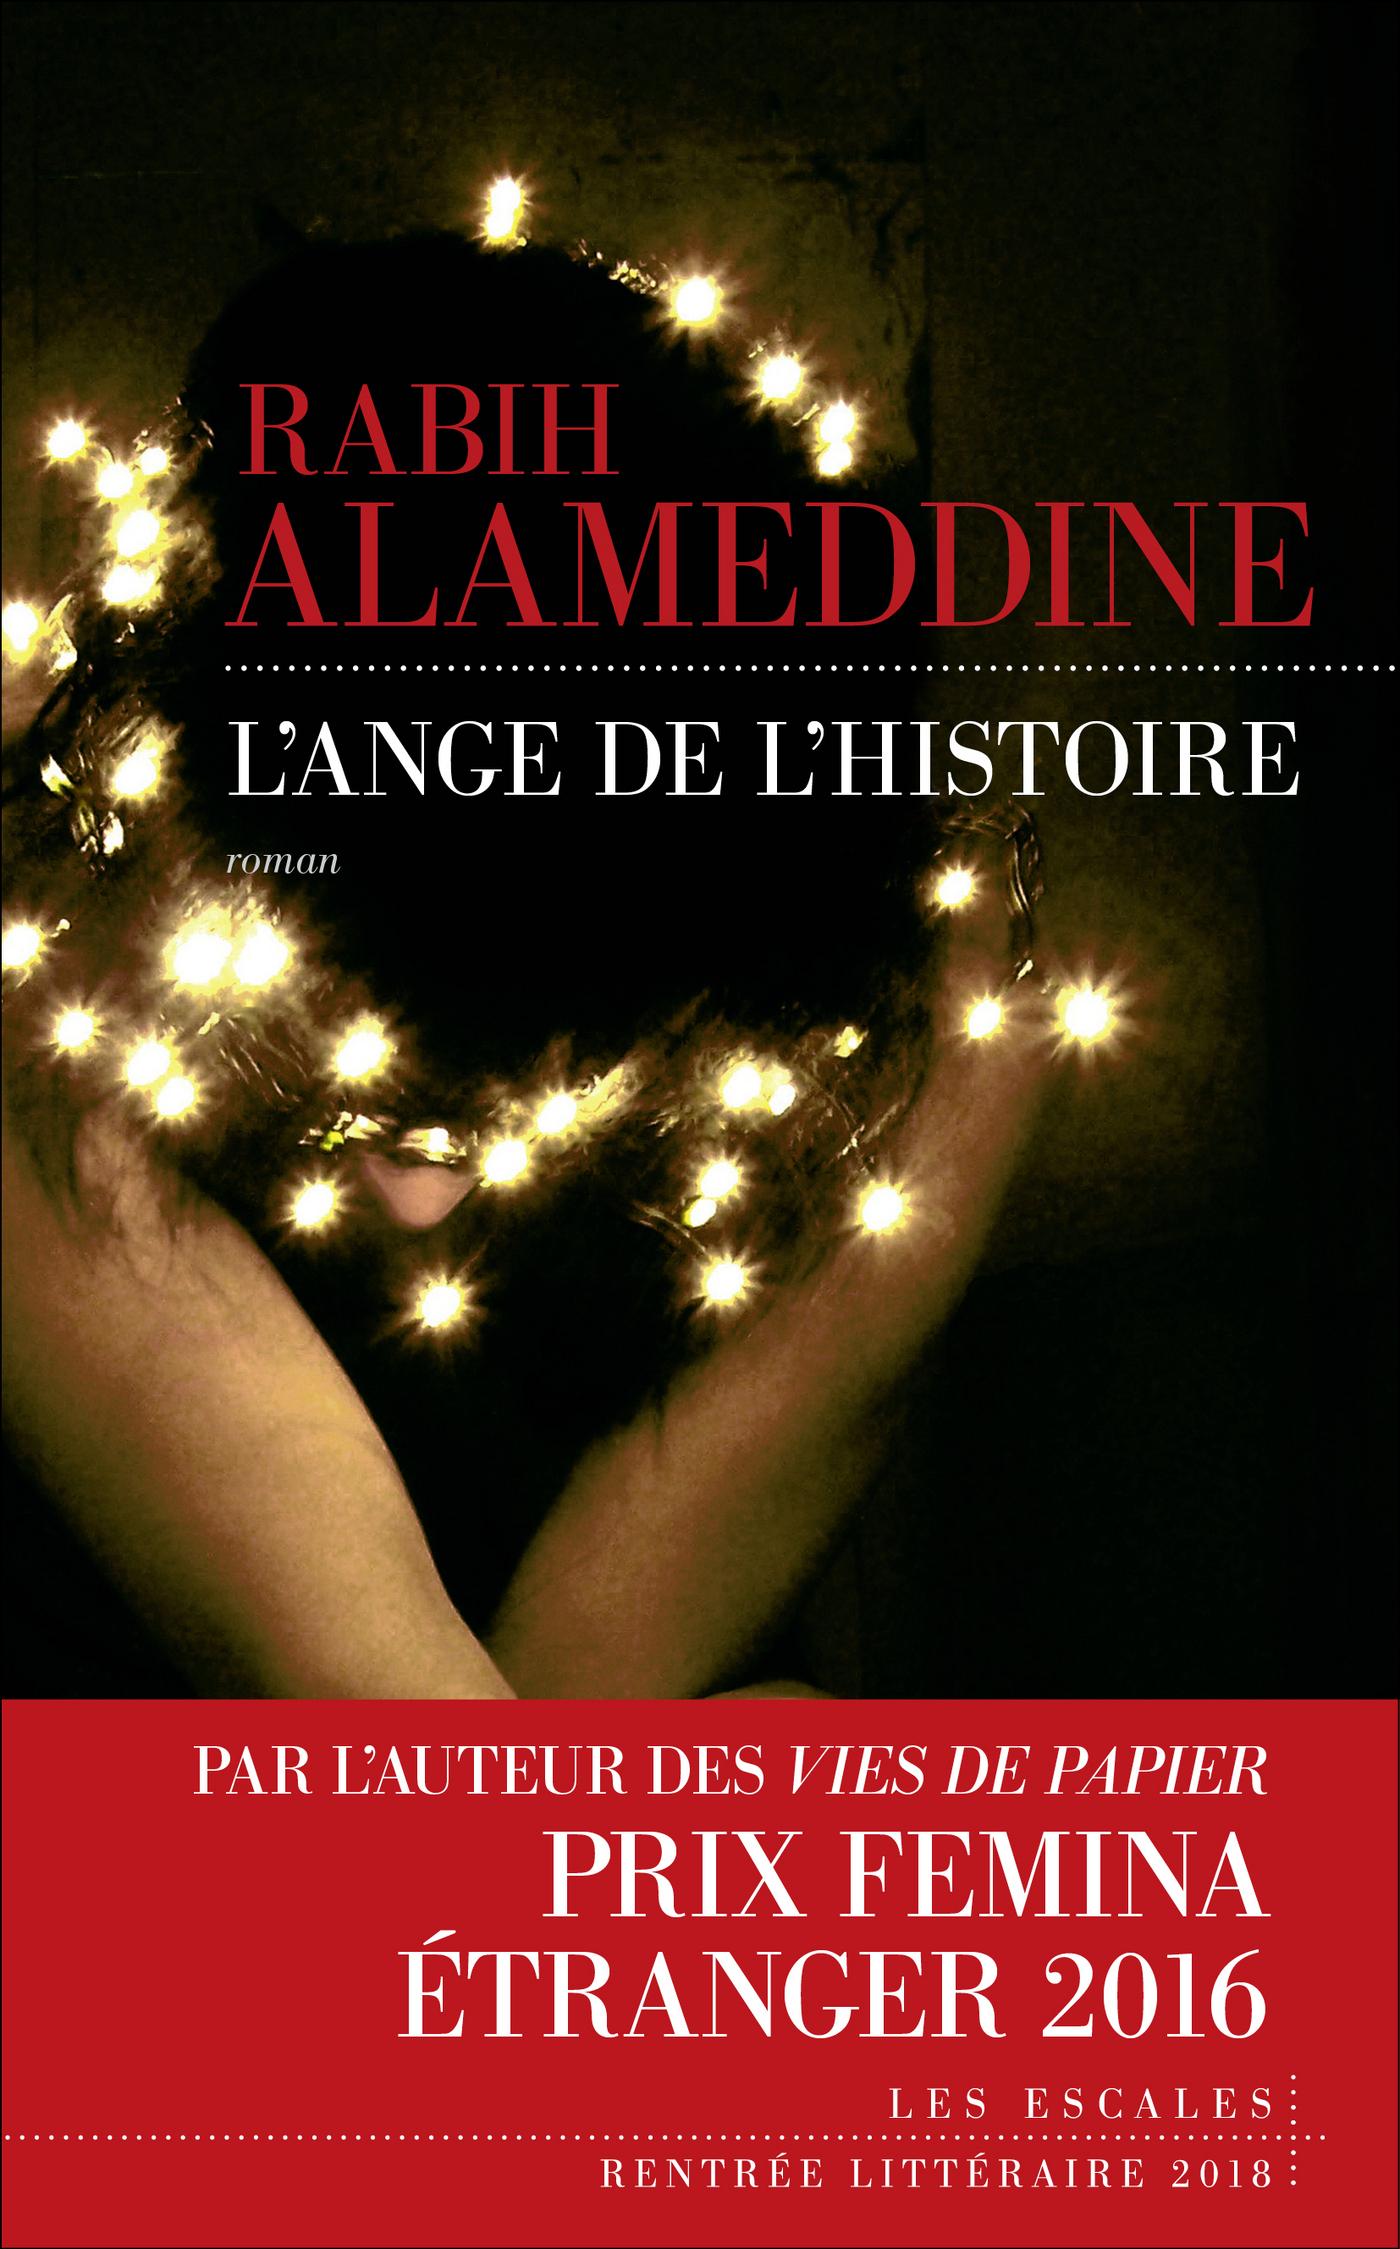 L'Ange de l'histoire | ALAMEDDINE, Rabih